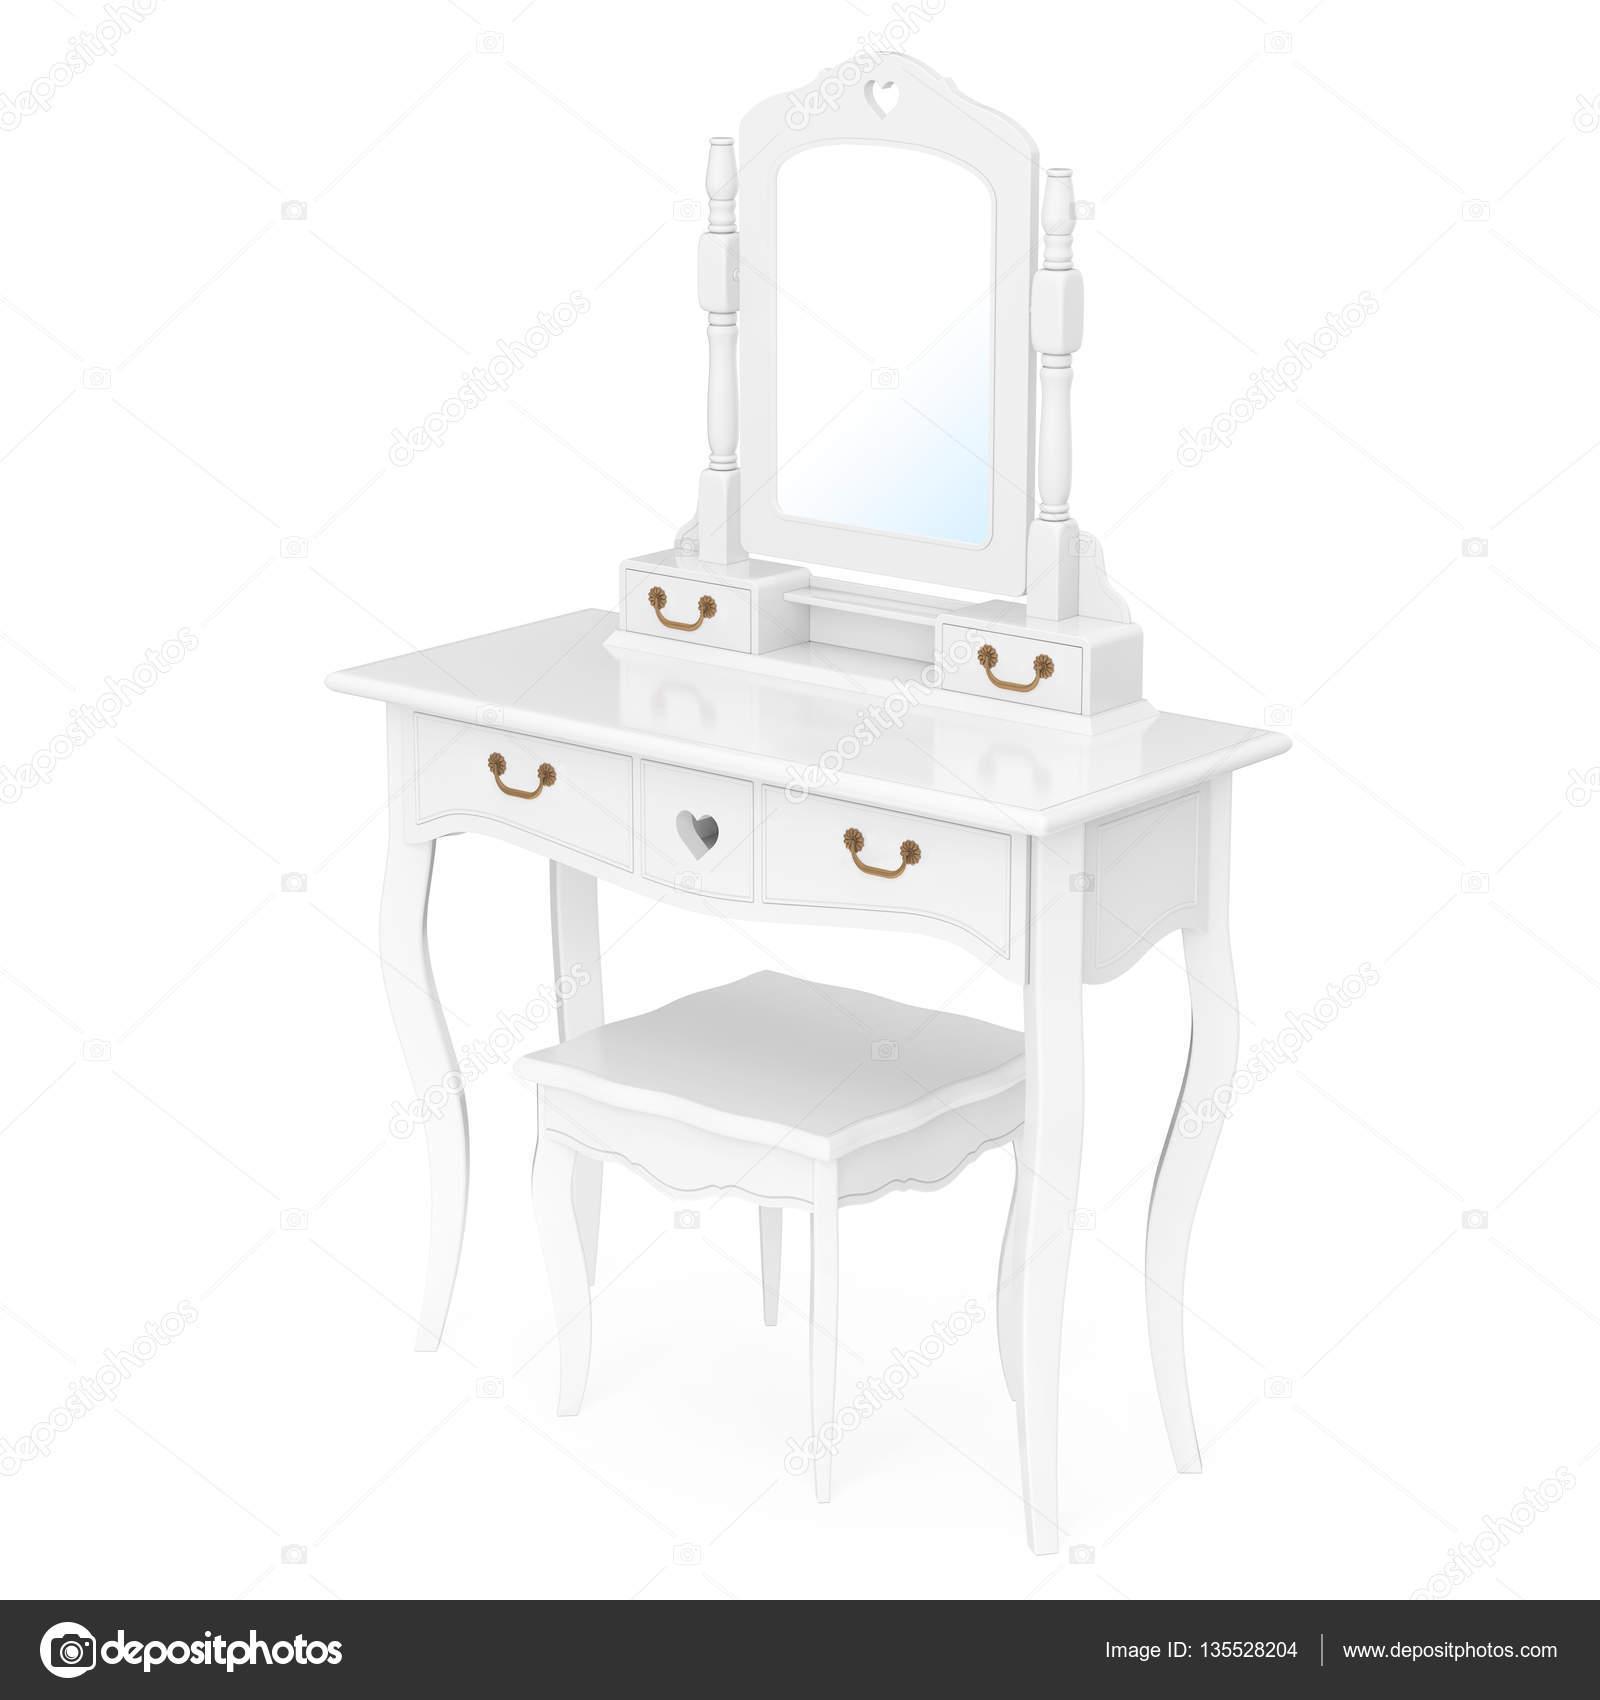 Antieke Witte Kaptafel.Antieke Slaapkamer Kaptafel Met Kruk En Spiegel 3d Rendering